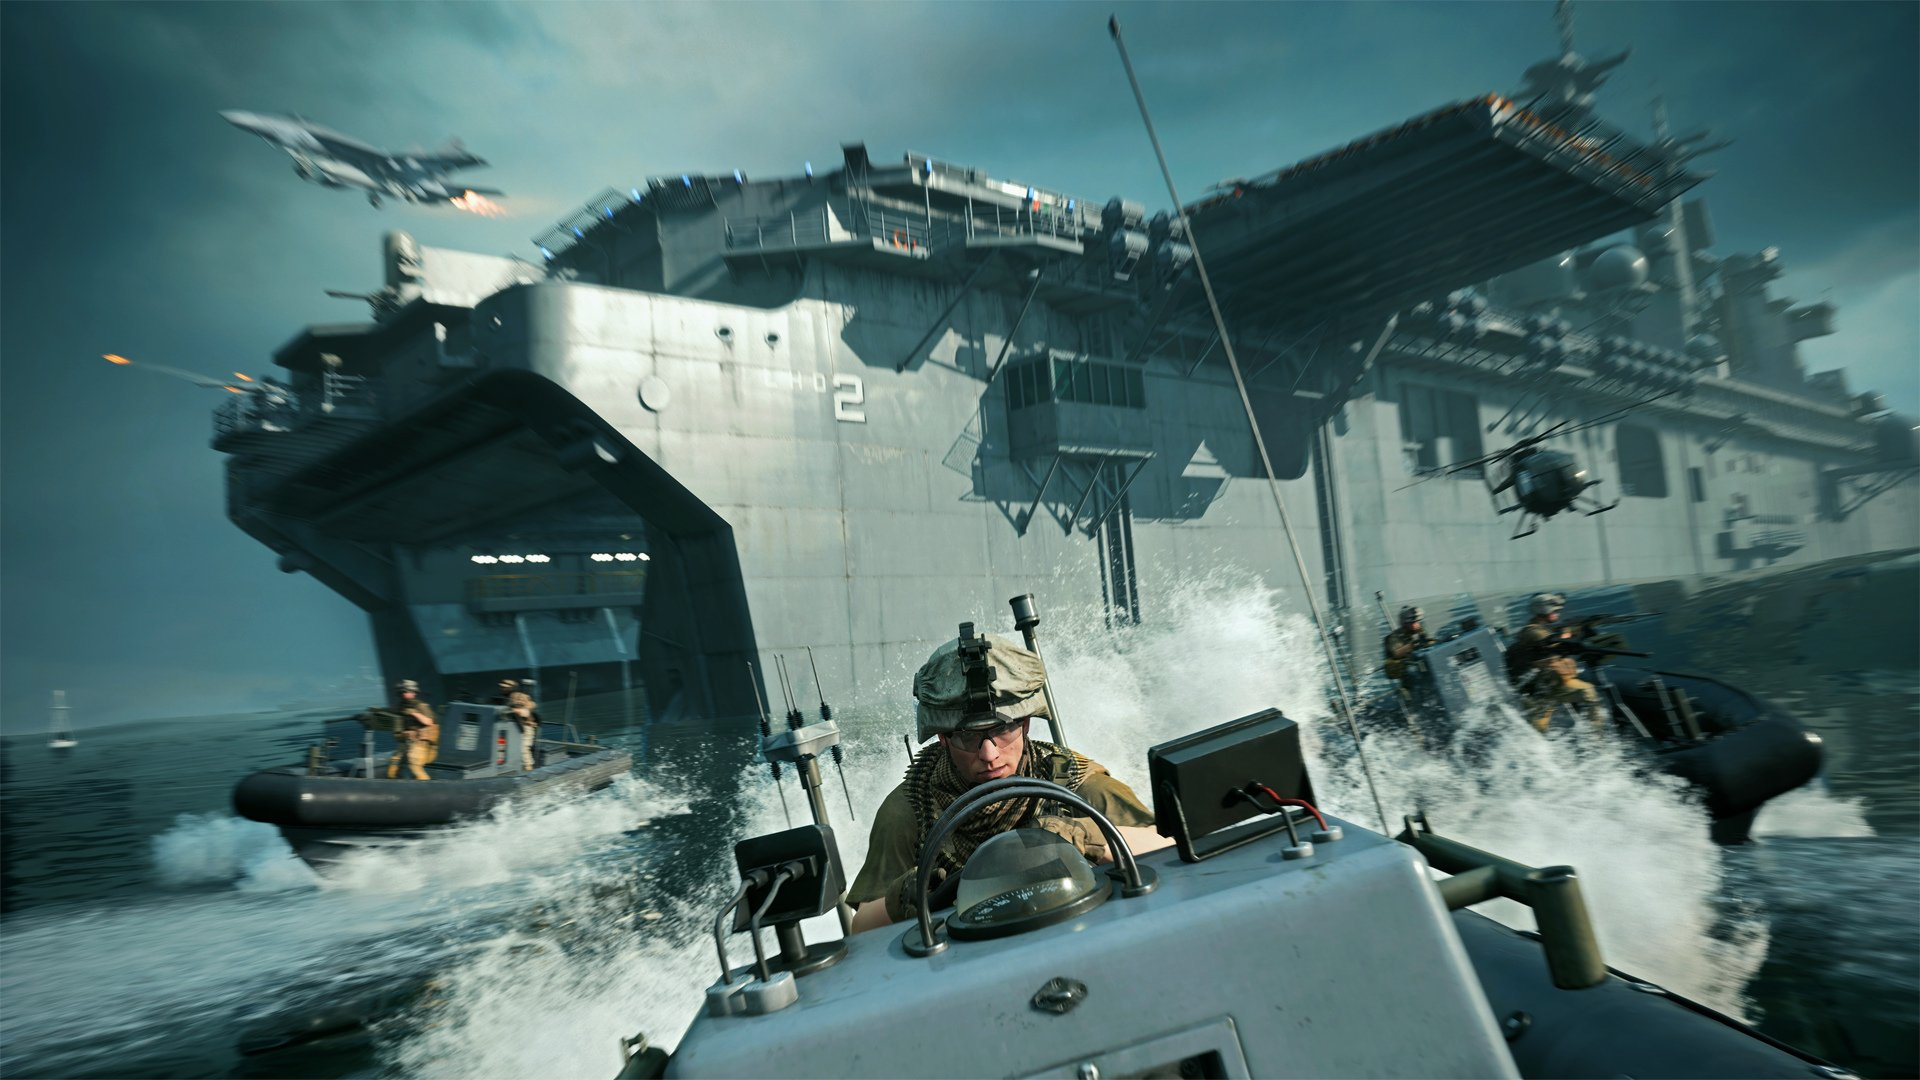 He probado Battlefield 2042: Portal y lleva lo mejor de BF 1943 y Bad  Company 2 a un editor de ensueño - Xbox One